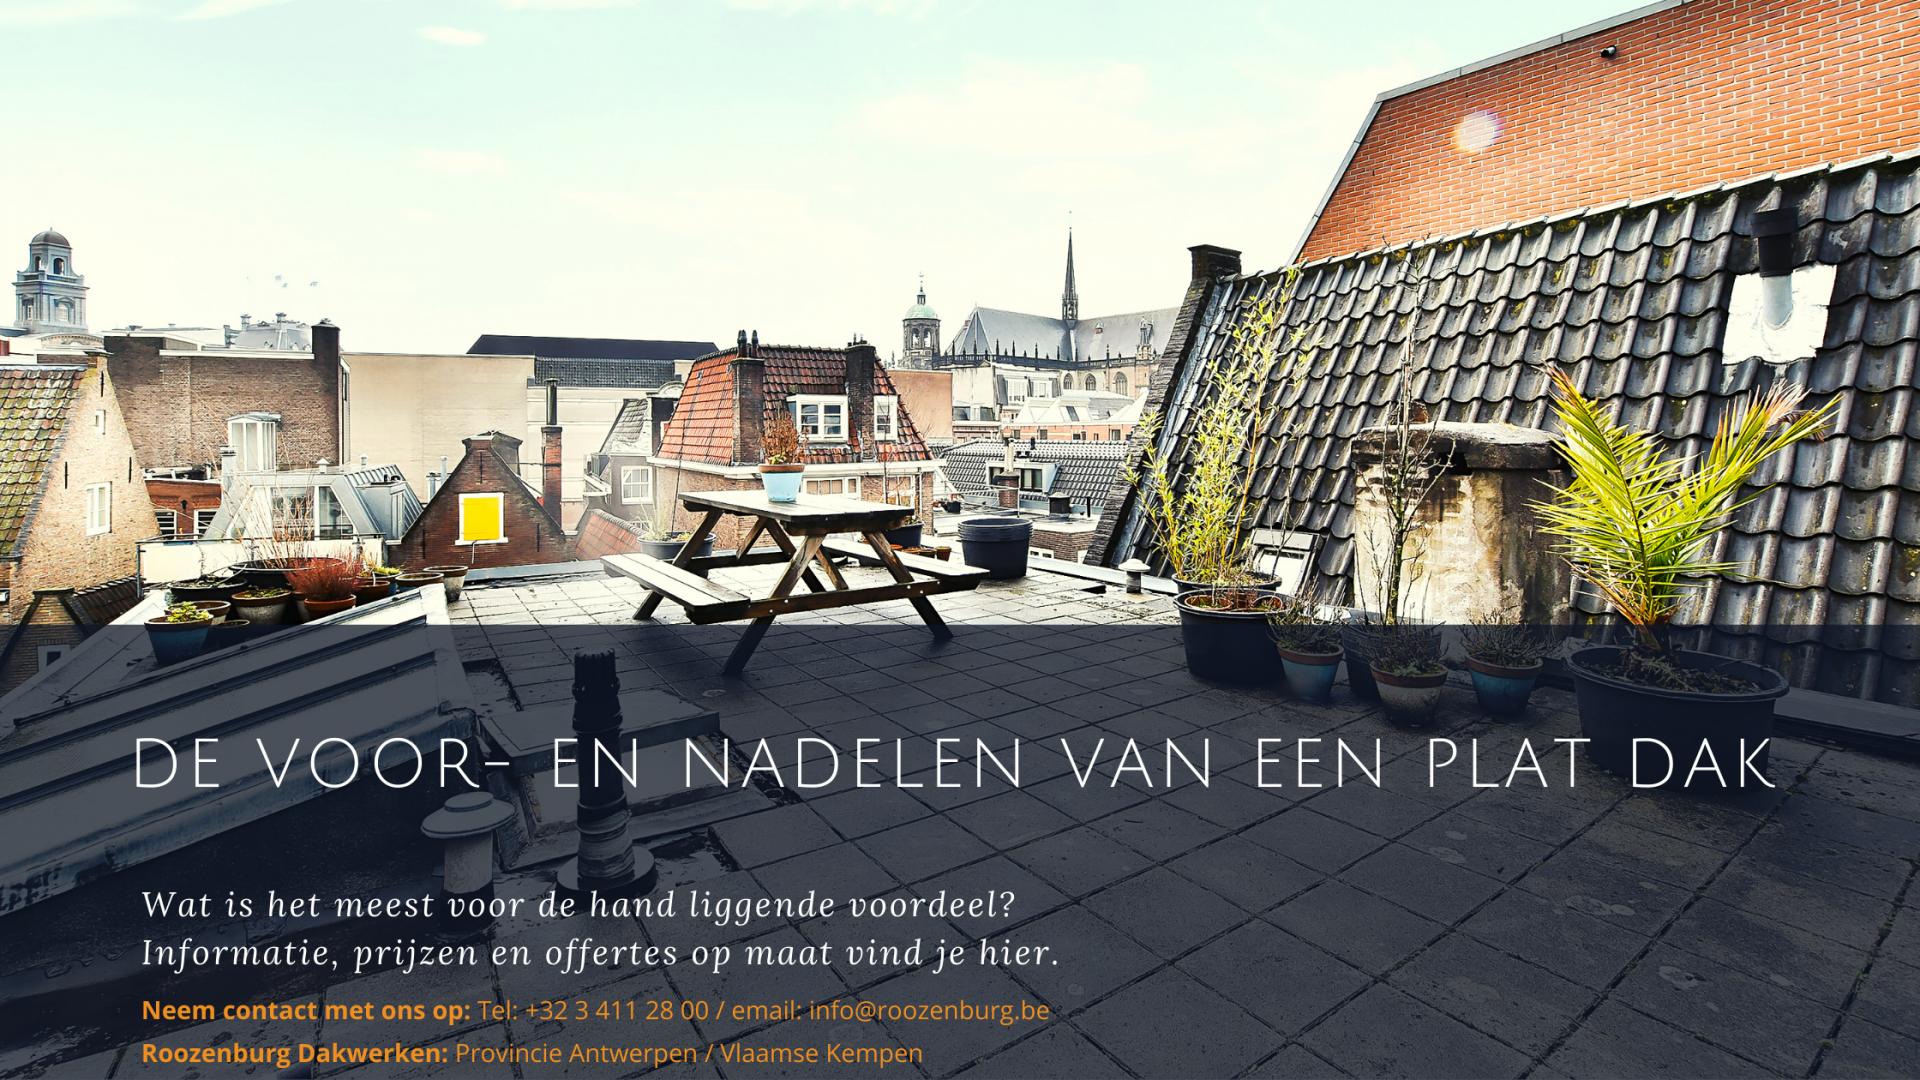 Plat dak met plantenbakken en picnic tafel